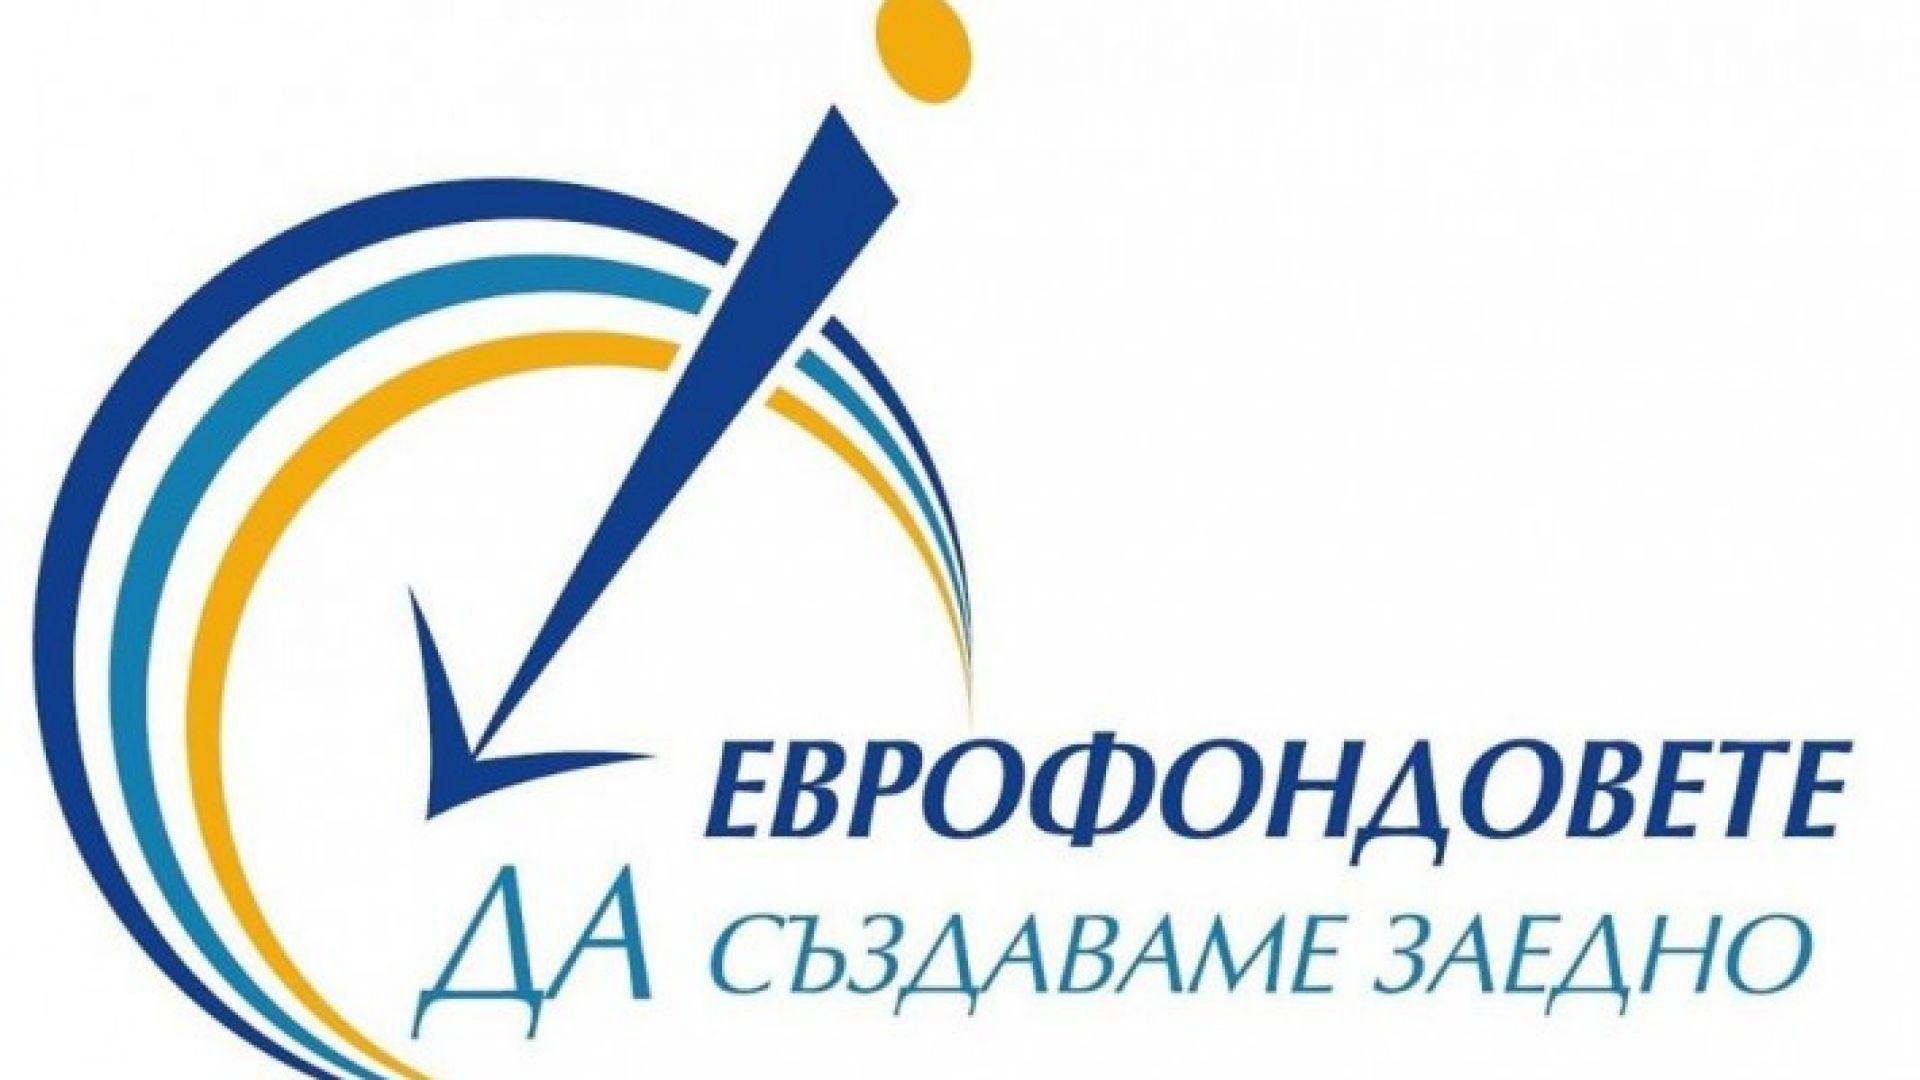 Интерактивна книга показва реализираните проекти с европари във Варна